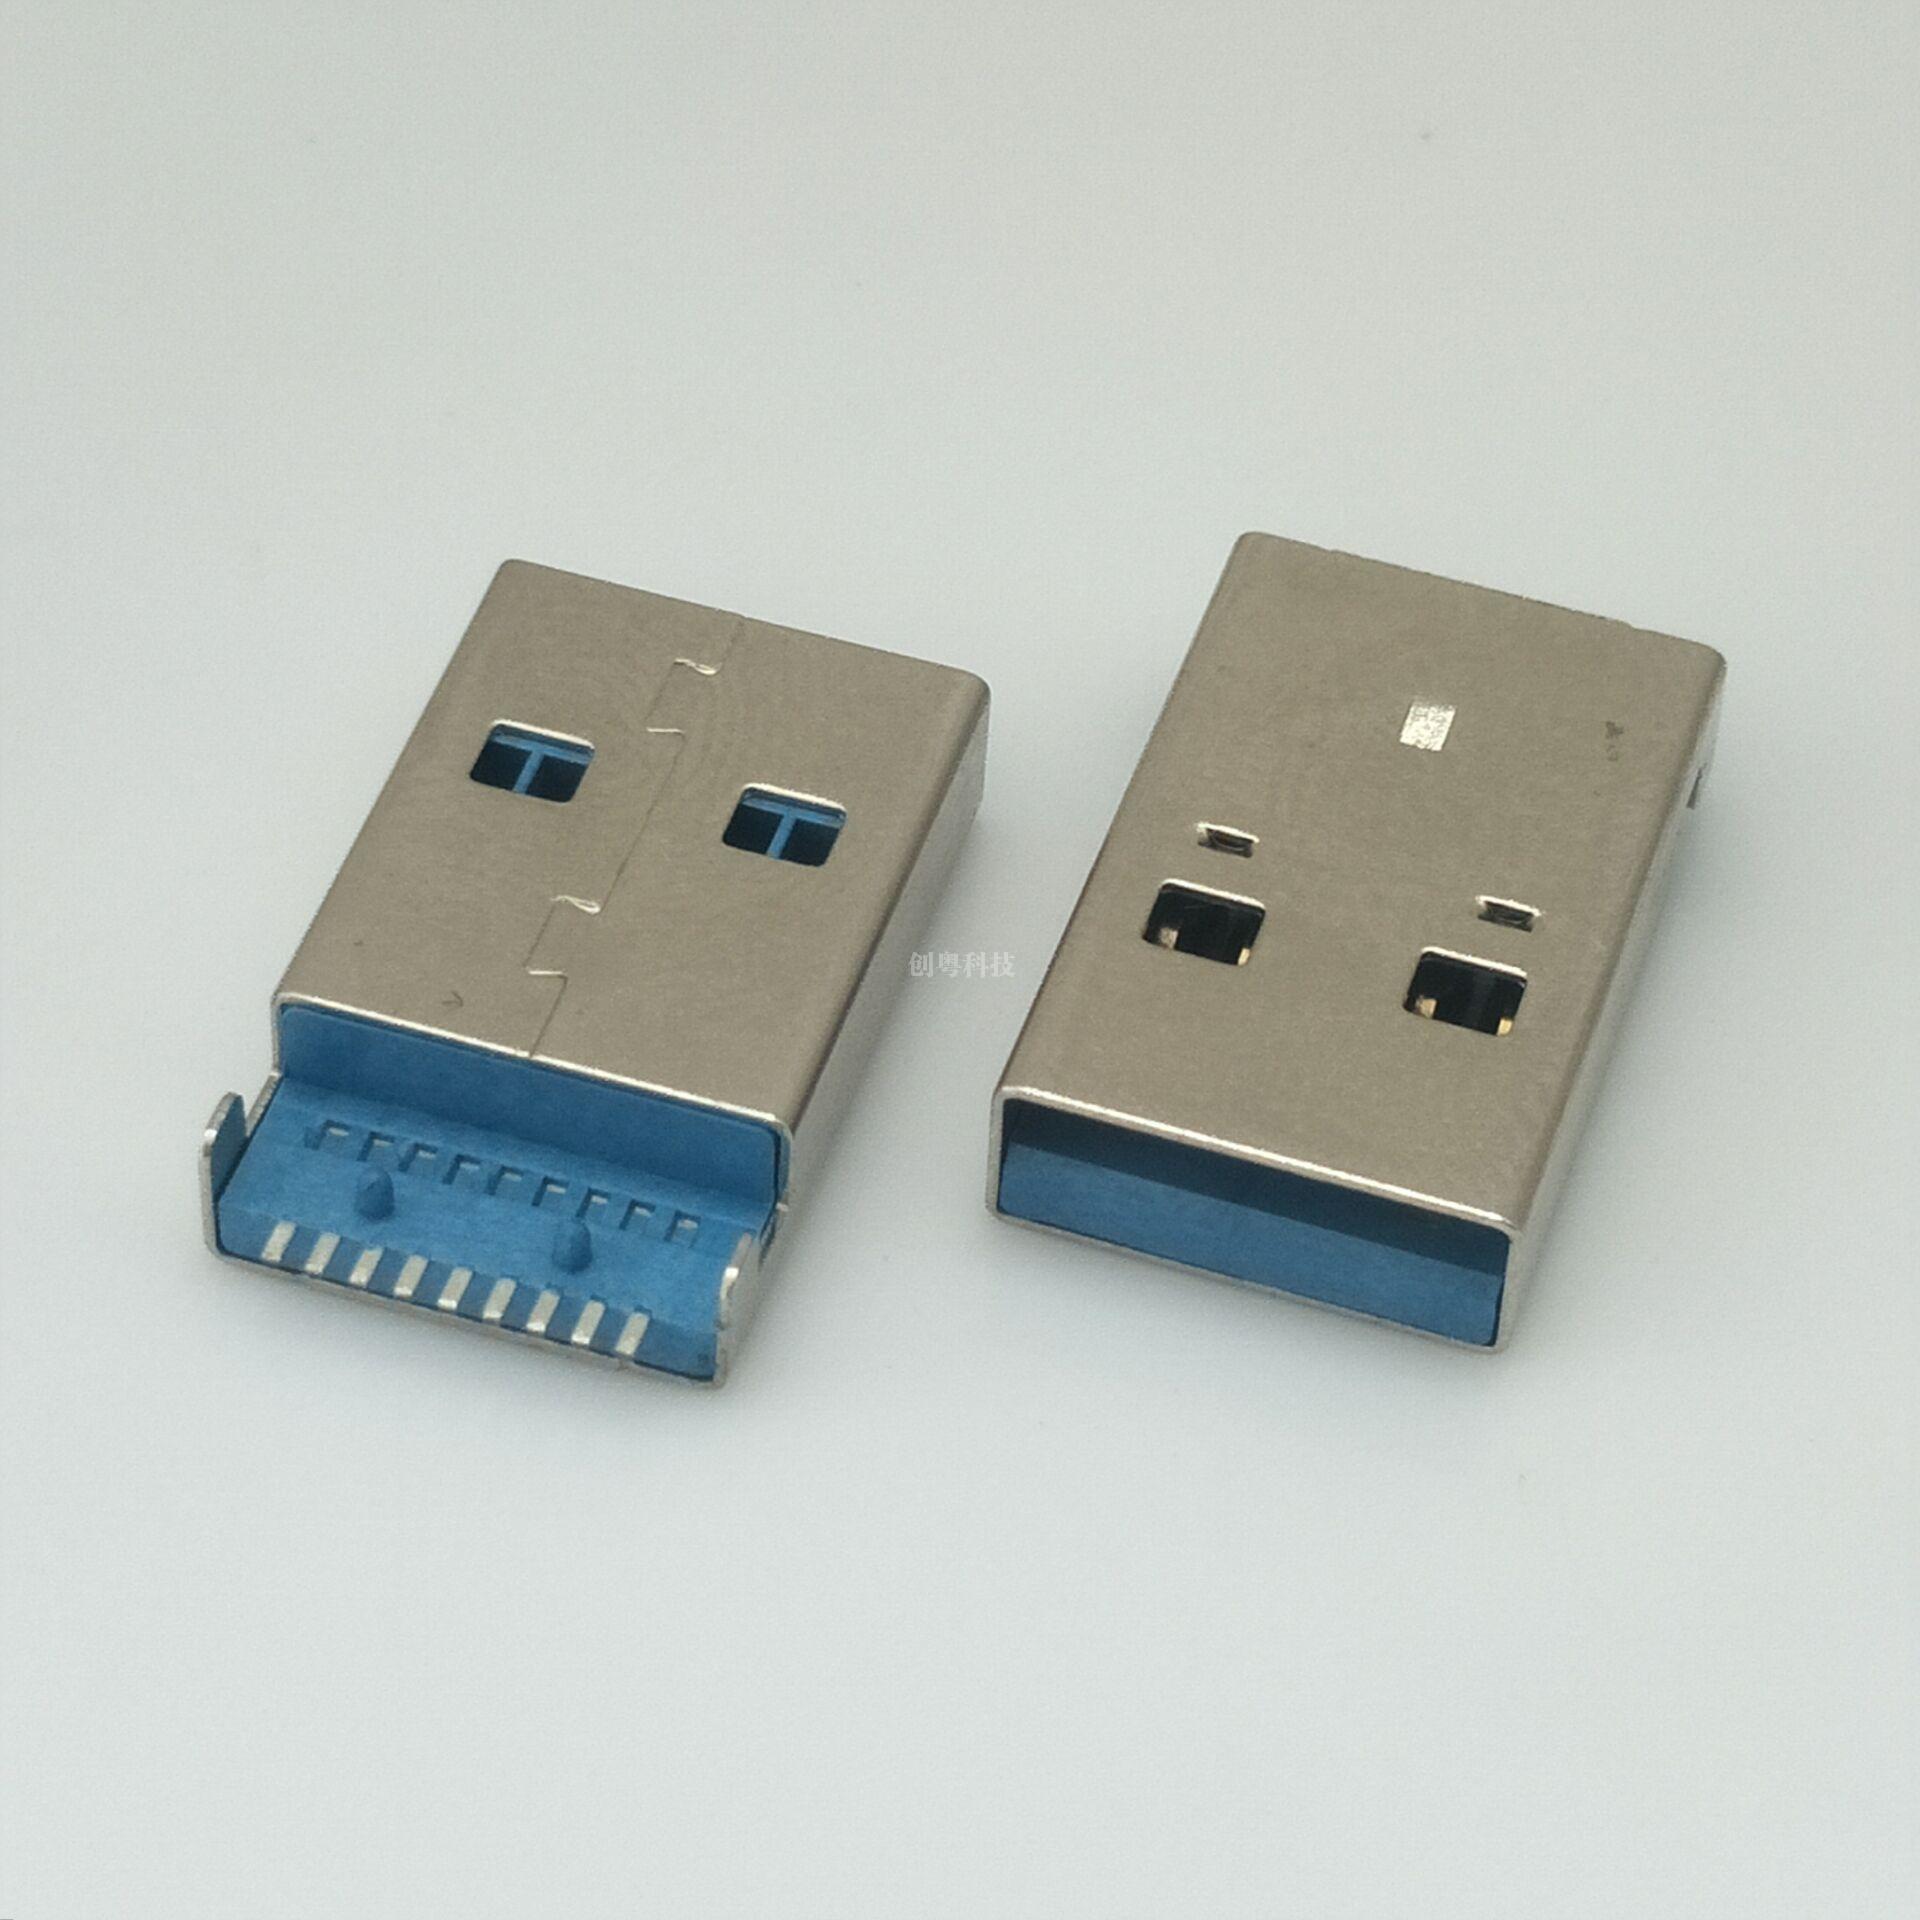 USB 公头3.0